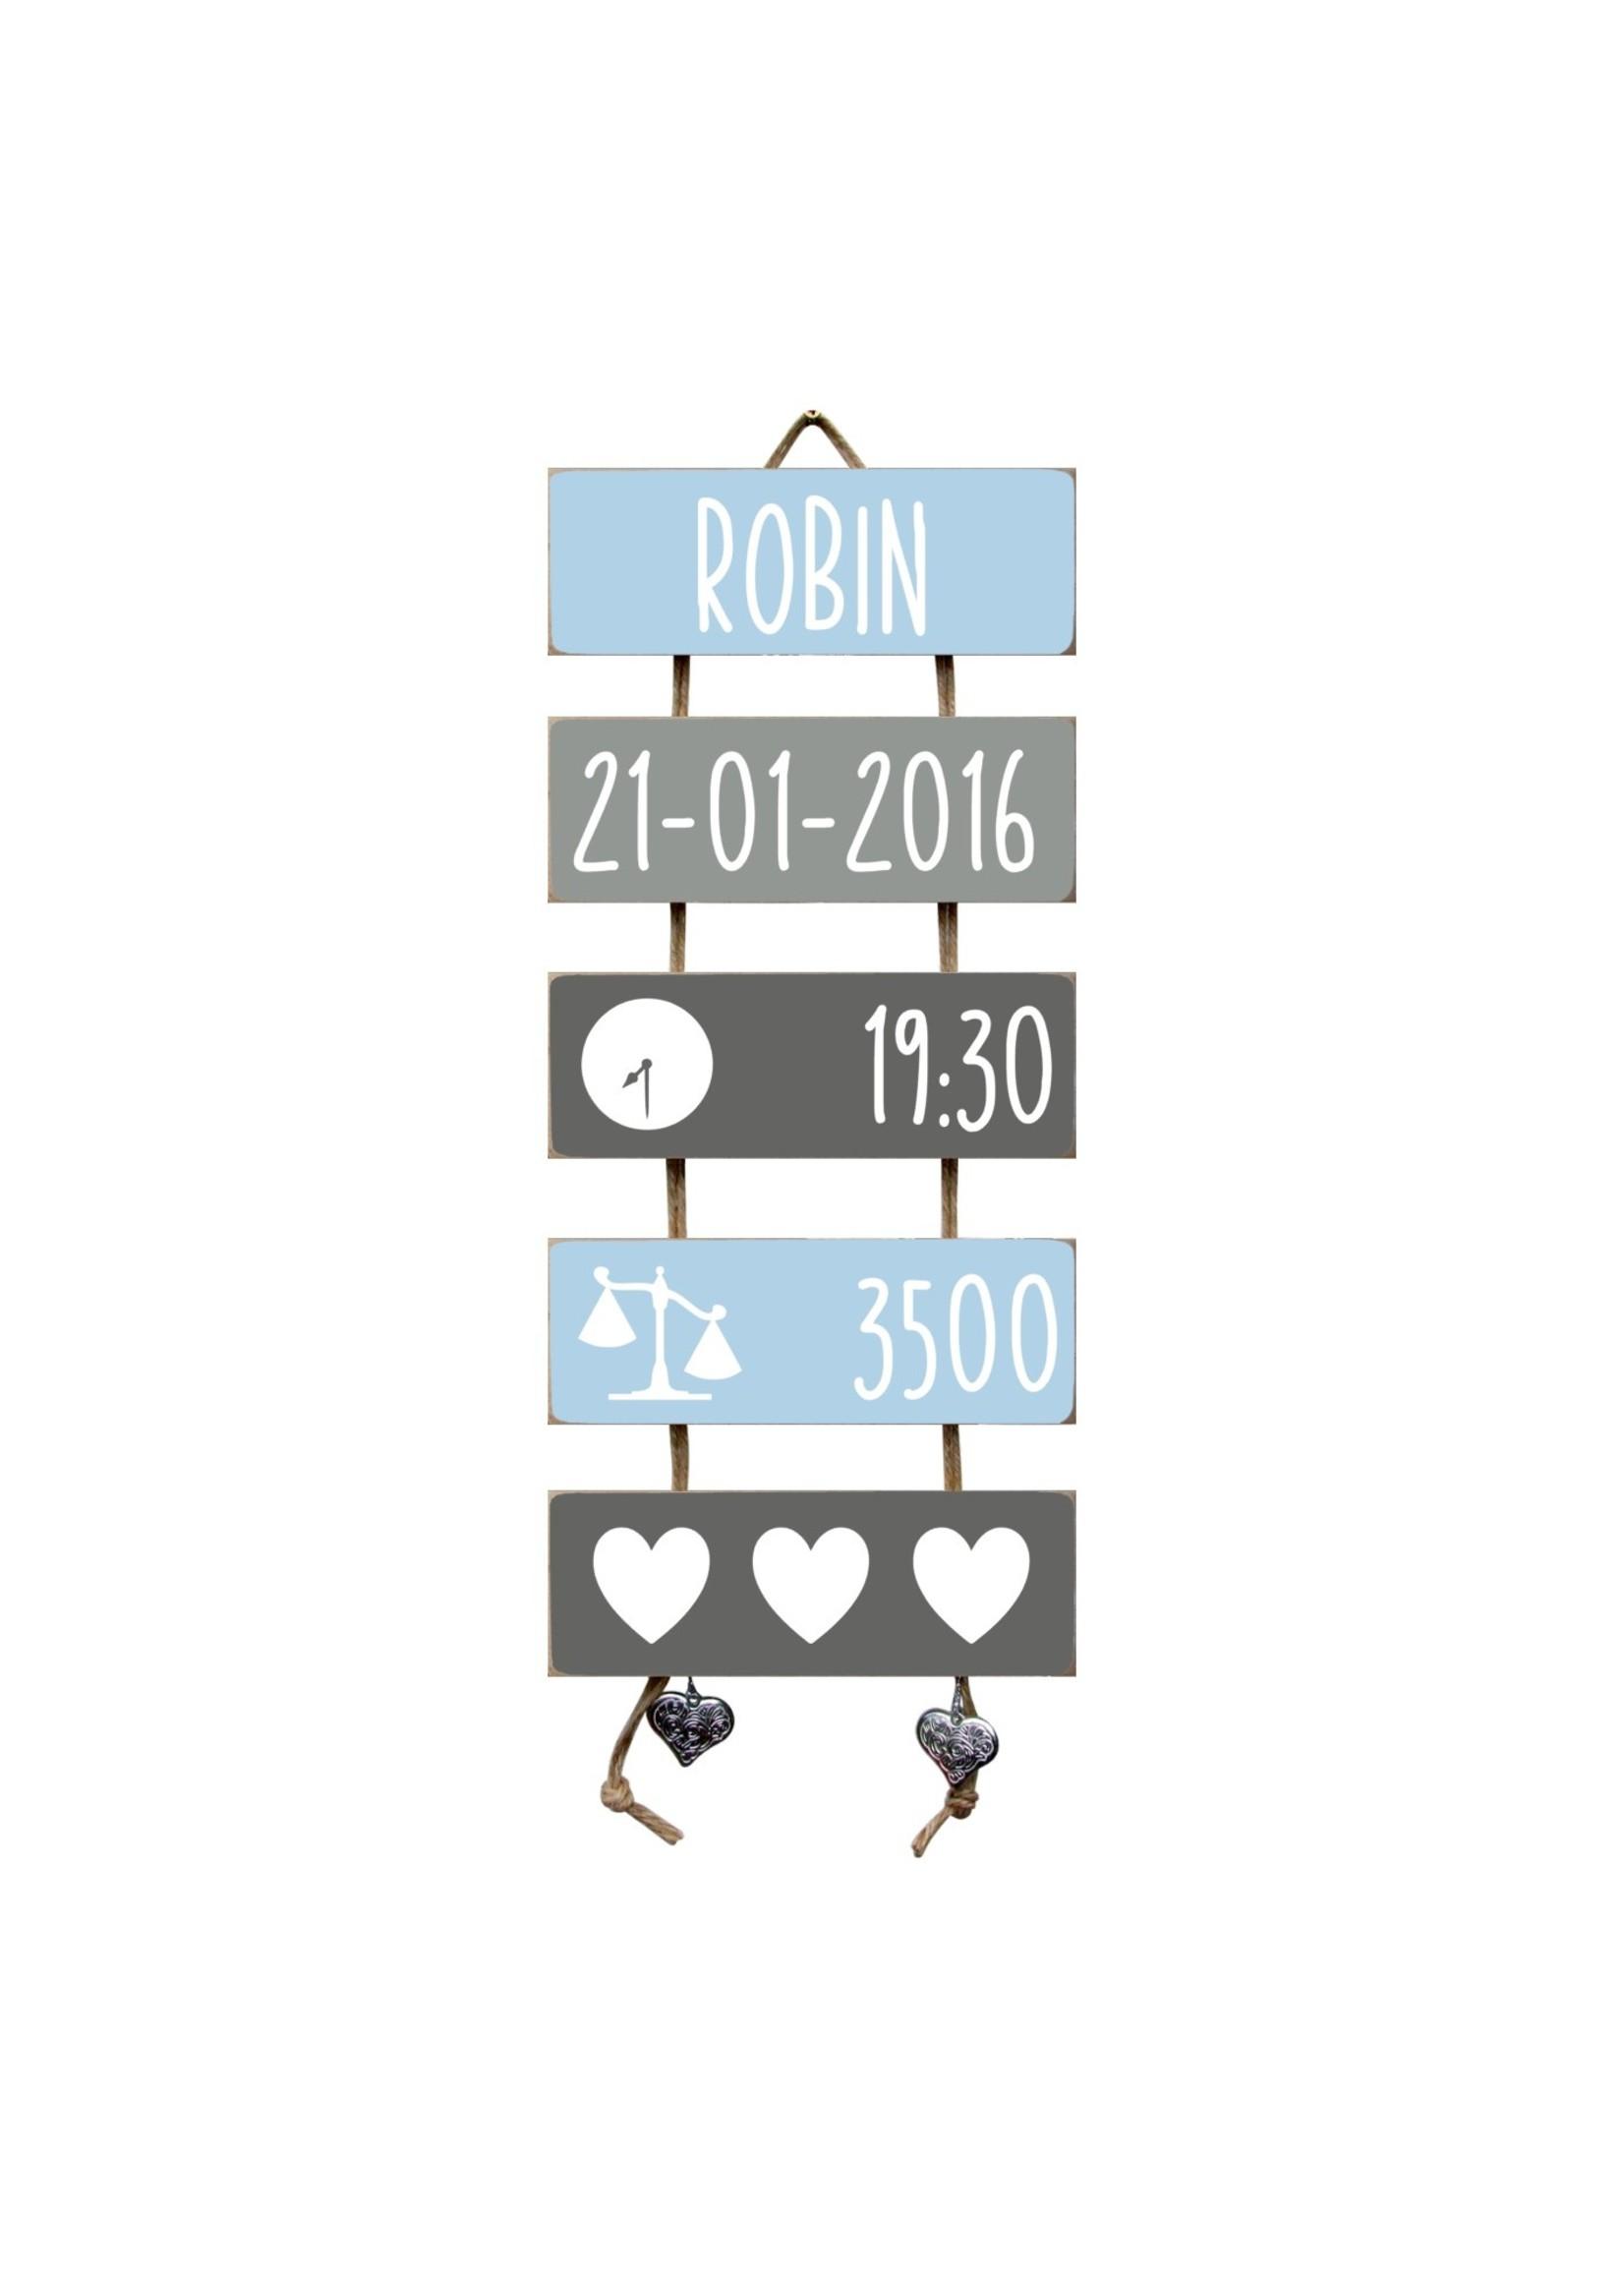 Kraamcadeau Geboorteladder Robin lichtblauw/grijs